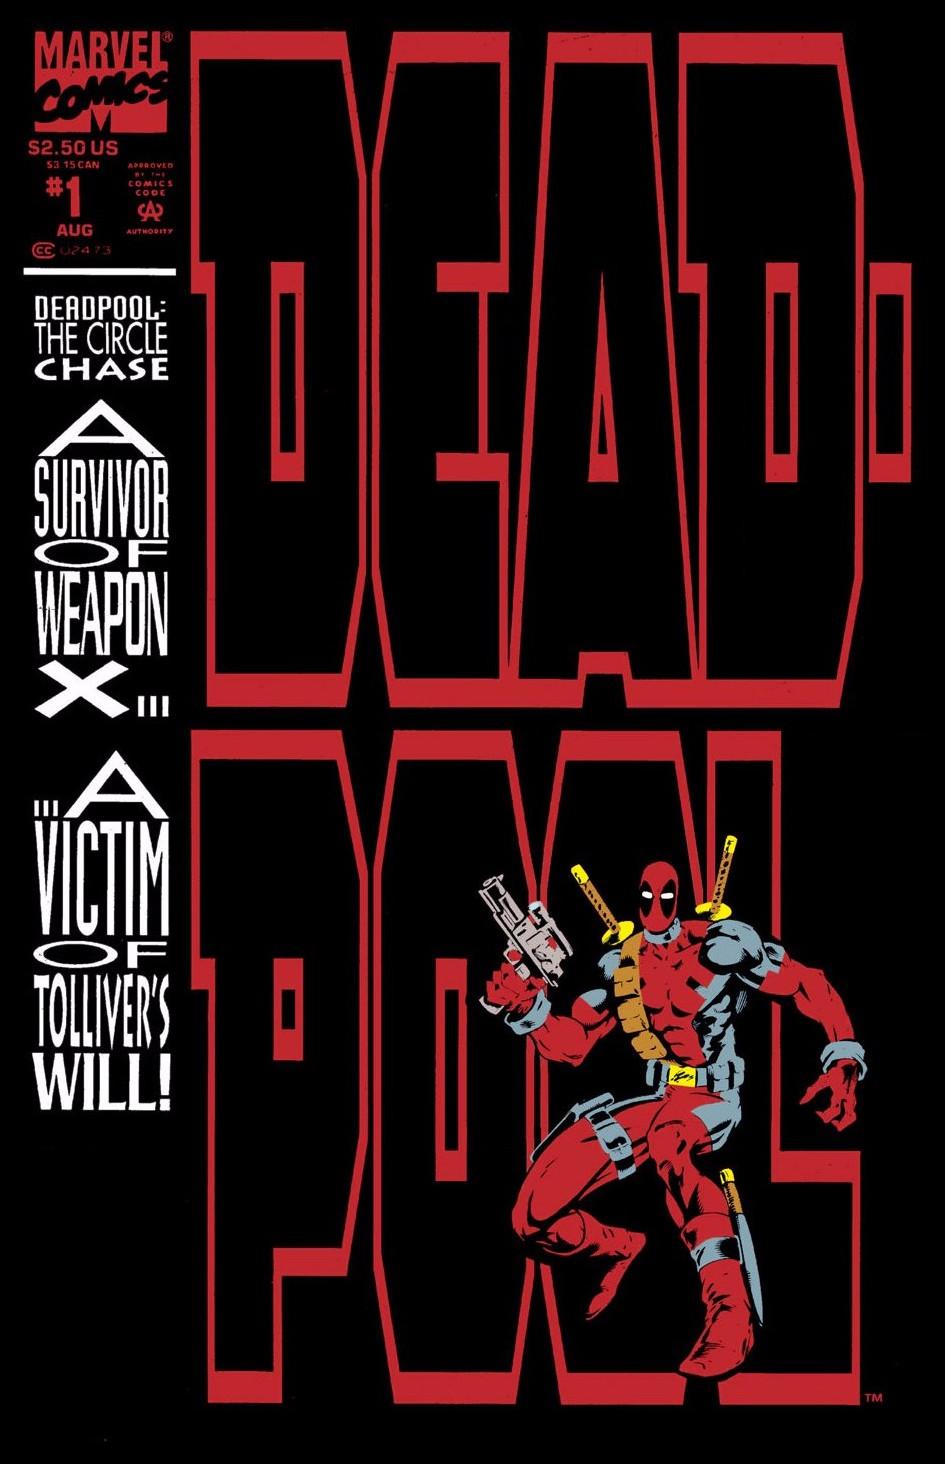 COLECCIÓN DEFINITIVA: MASACRE (DEADPOOL) [UL] [cbr] Deadpool_Vol_1_1